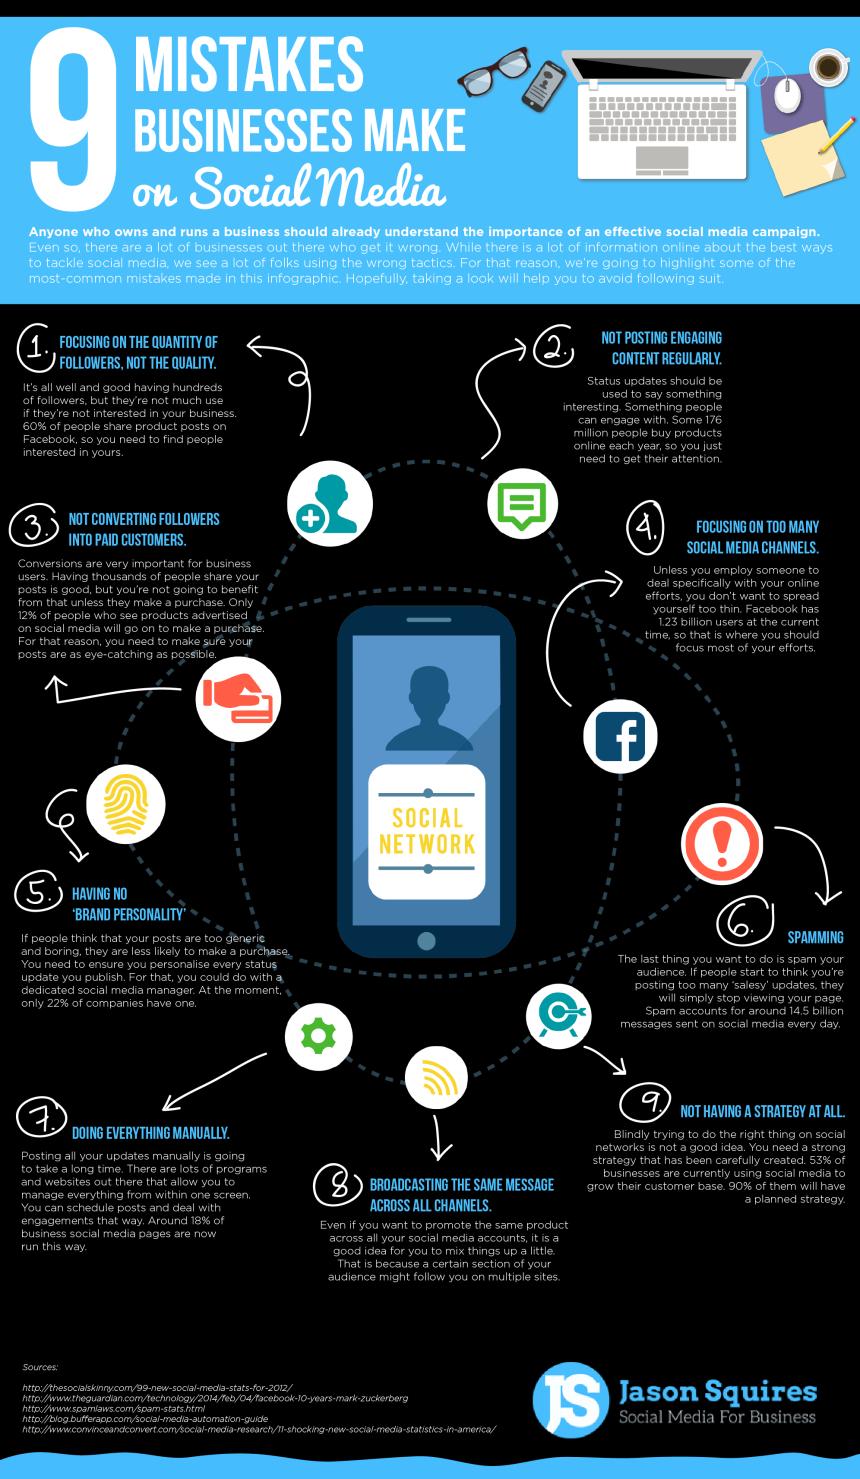 9 errores que más cometen las empresas en Redes Sociales